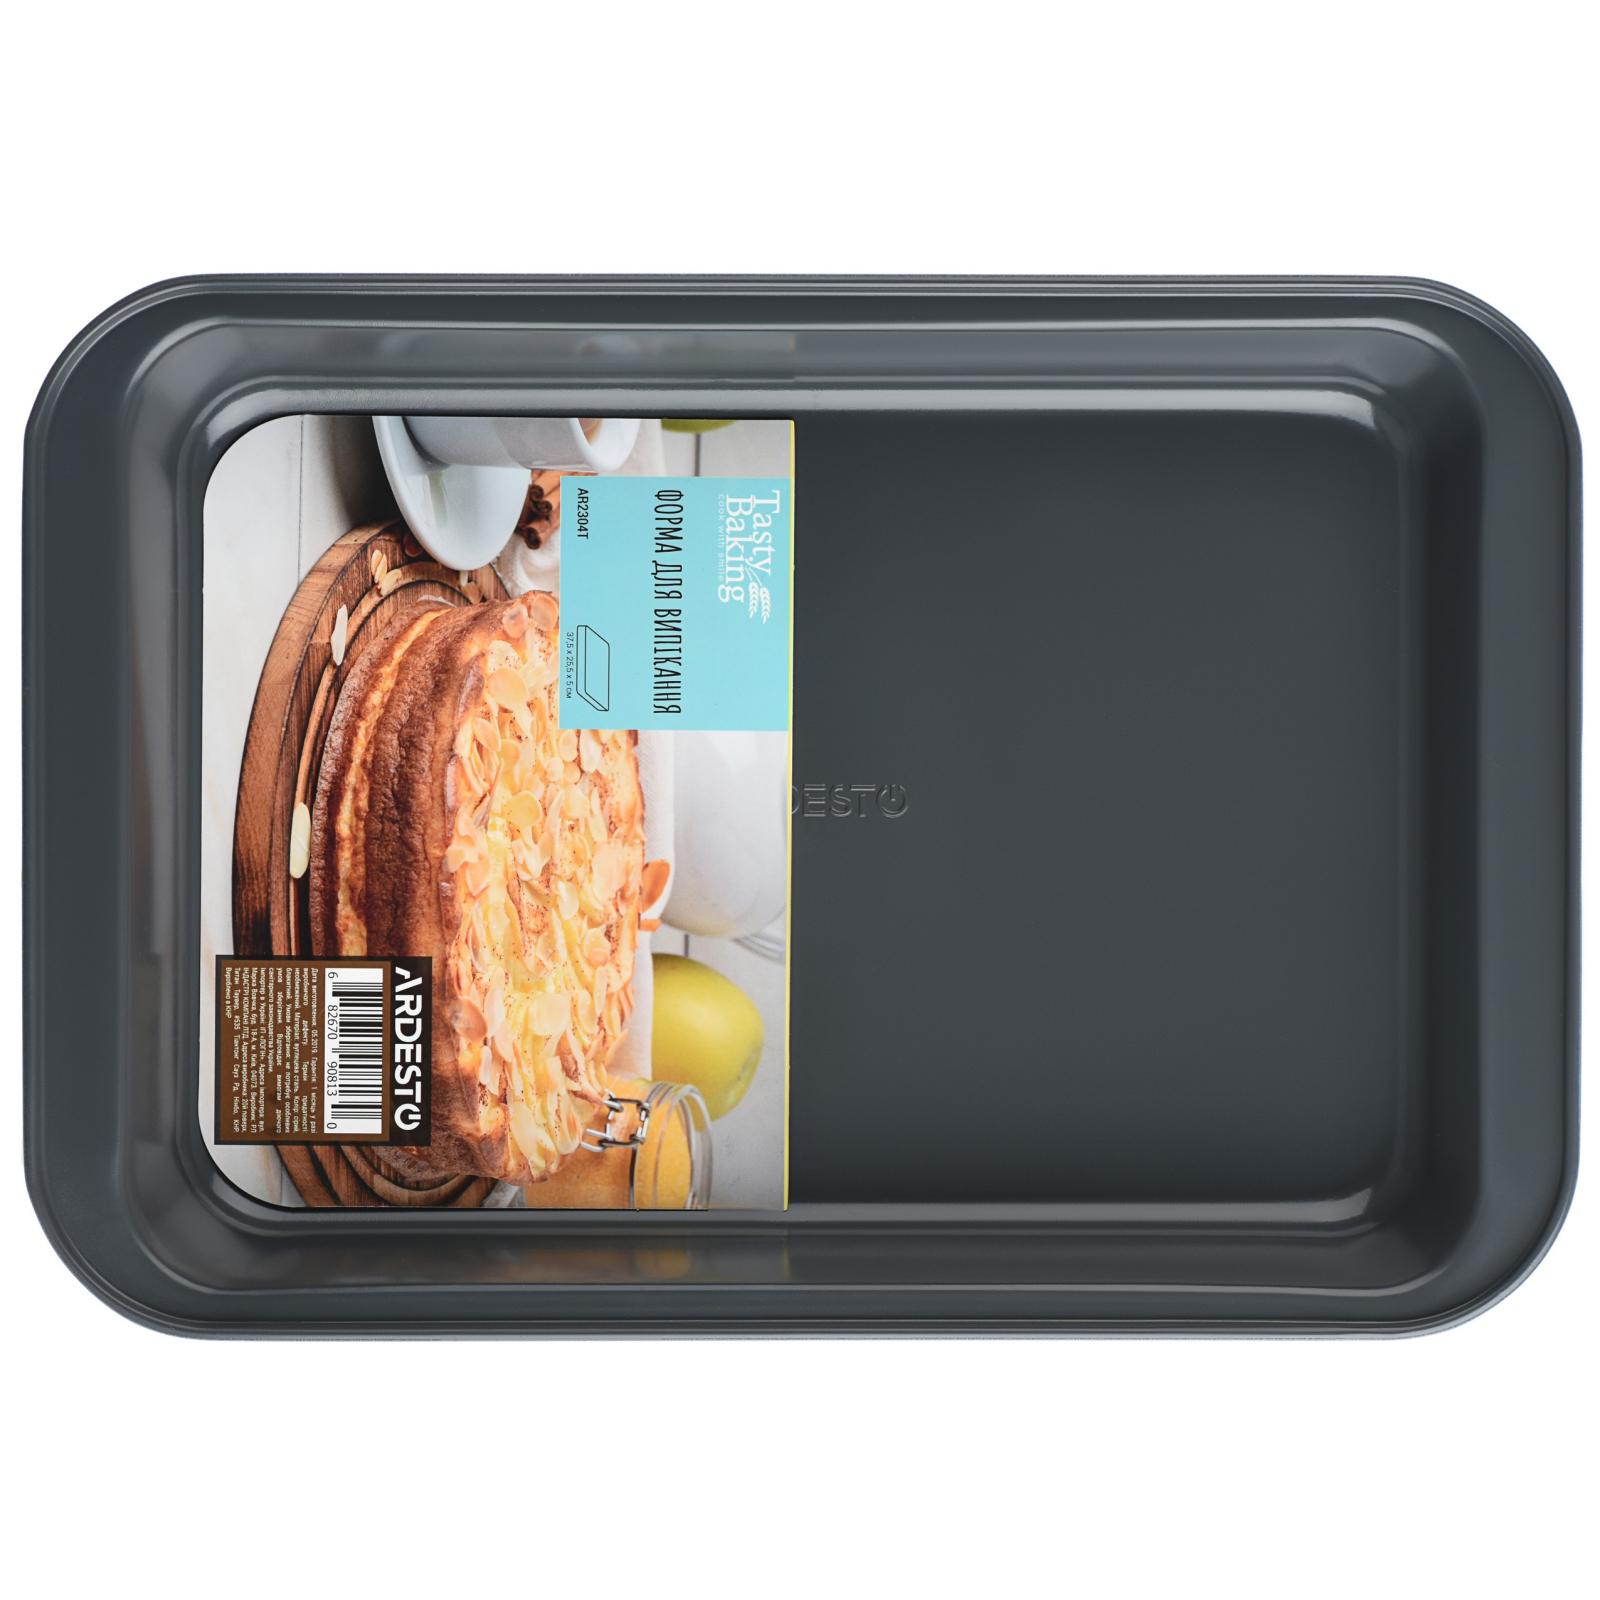 Форма для випікання Ardesto Tasty Baking прямокутна 37х25 см (AR2304T) зображення 2